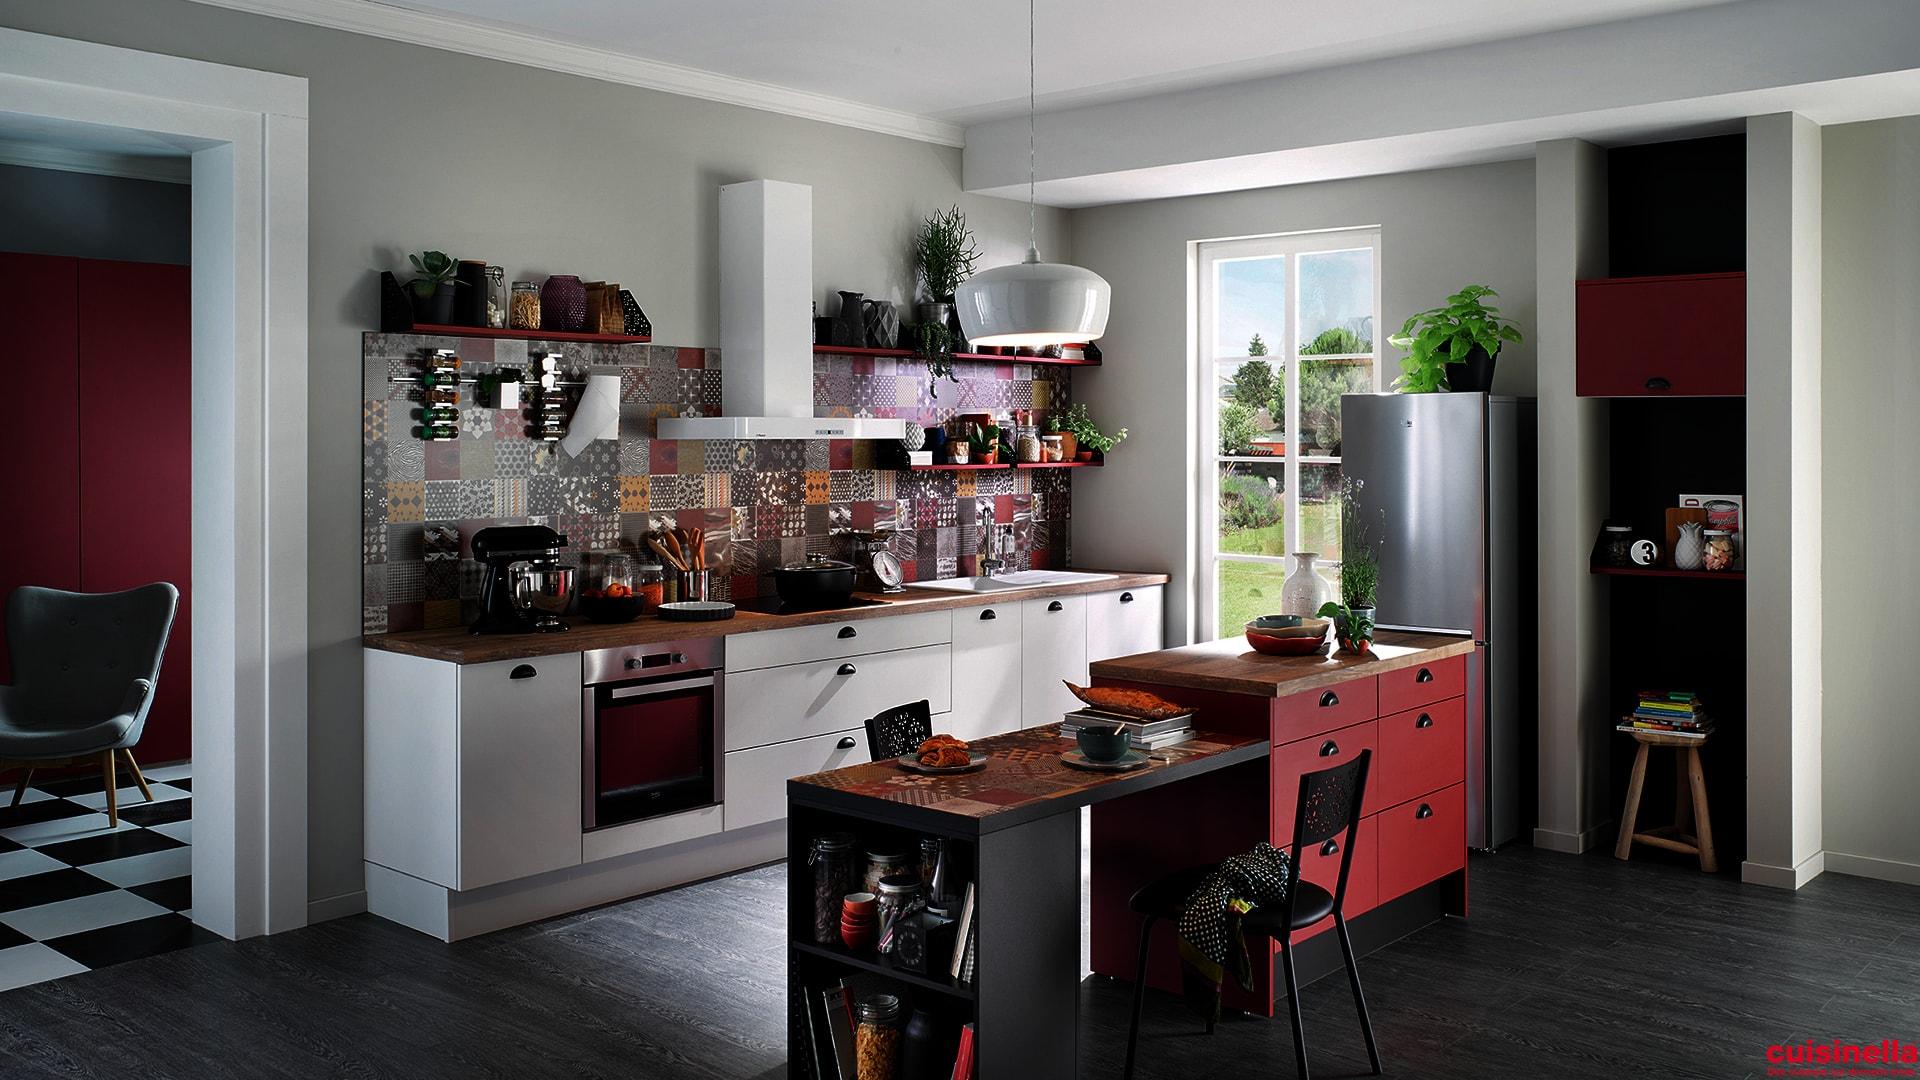 je pose ma cuisine 28 images les carabistouilles 187 je relooke ma cuisine je pose ma. Black Bedroom Furniture Sets. Home Design Ideas